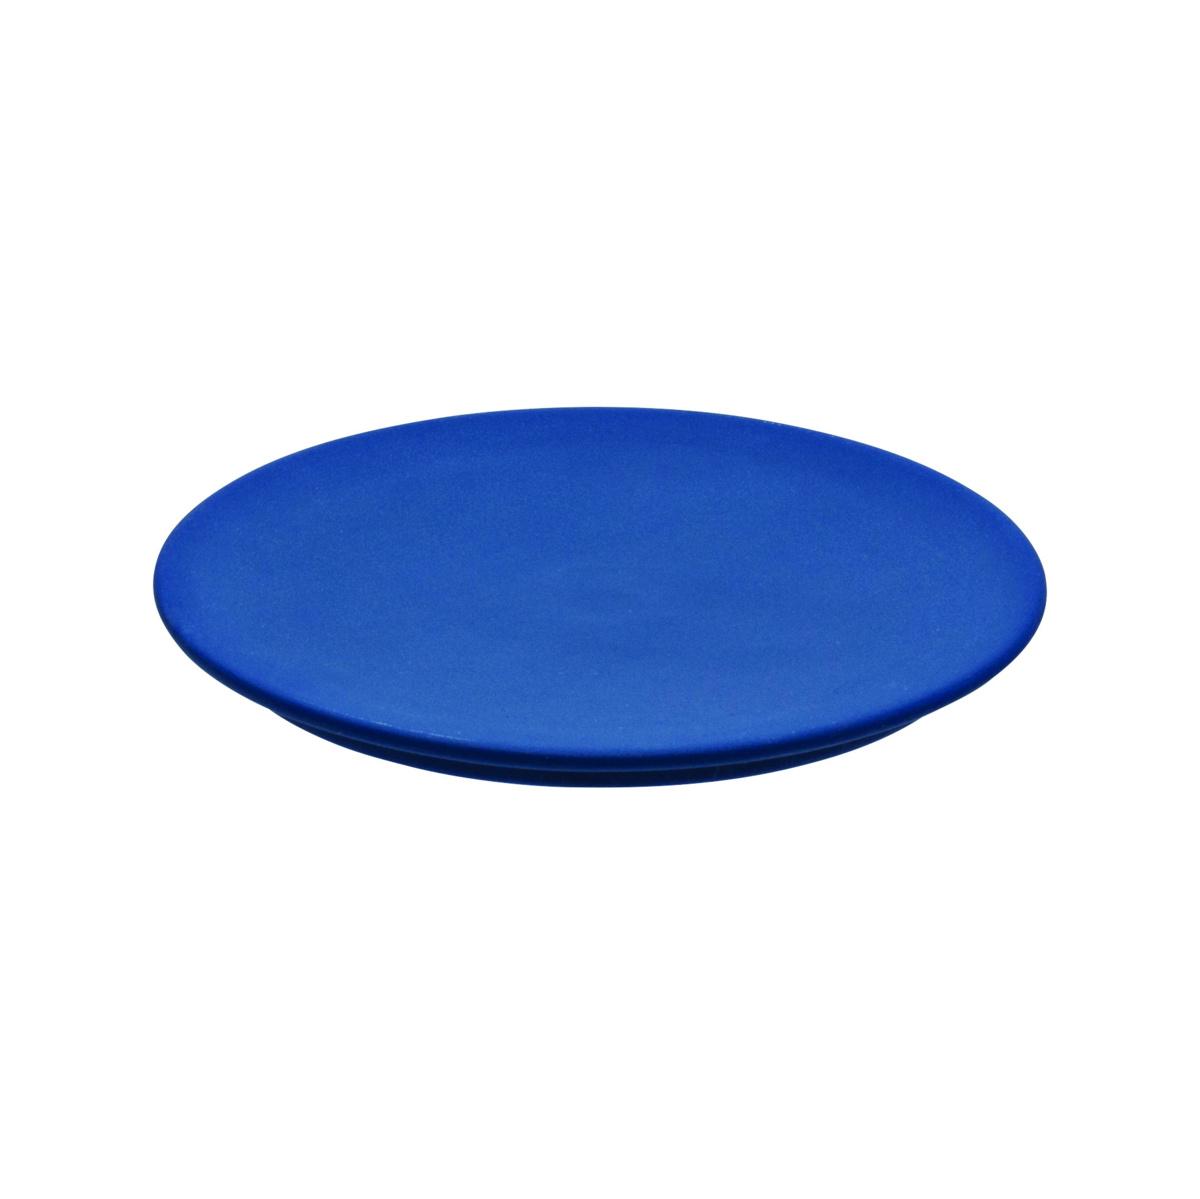 Couvercle rond bleu grès Ø 12,50 cm Gourmet Degrenne